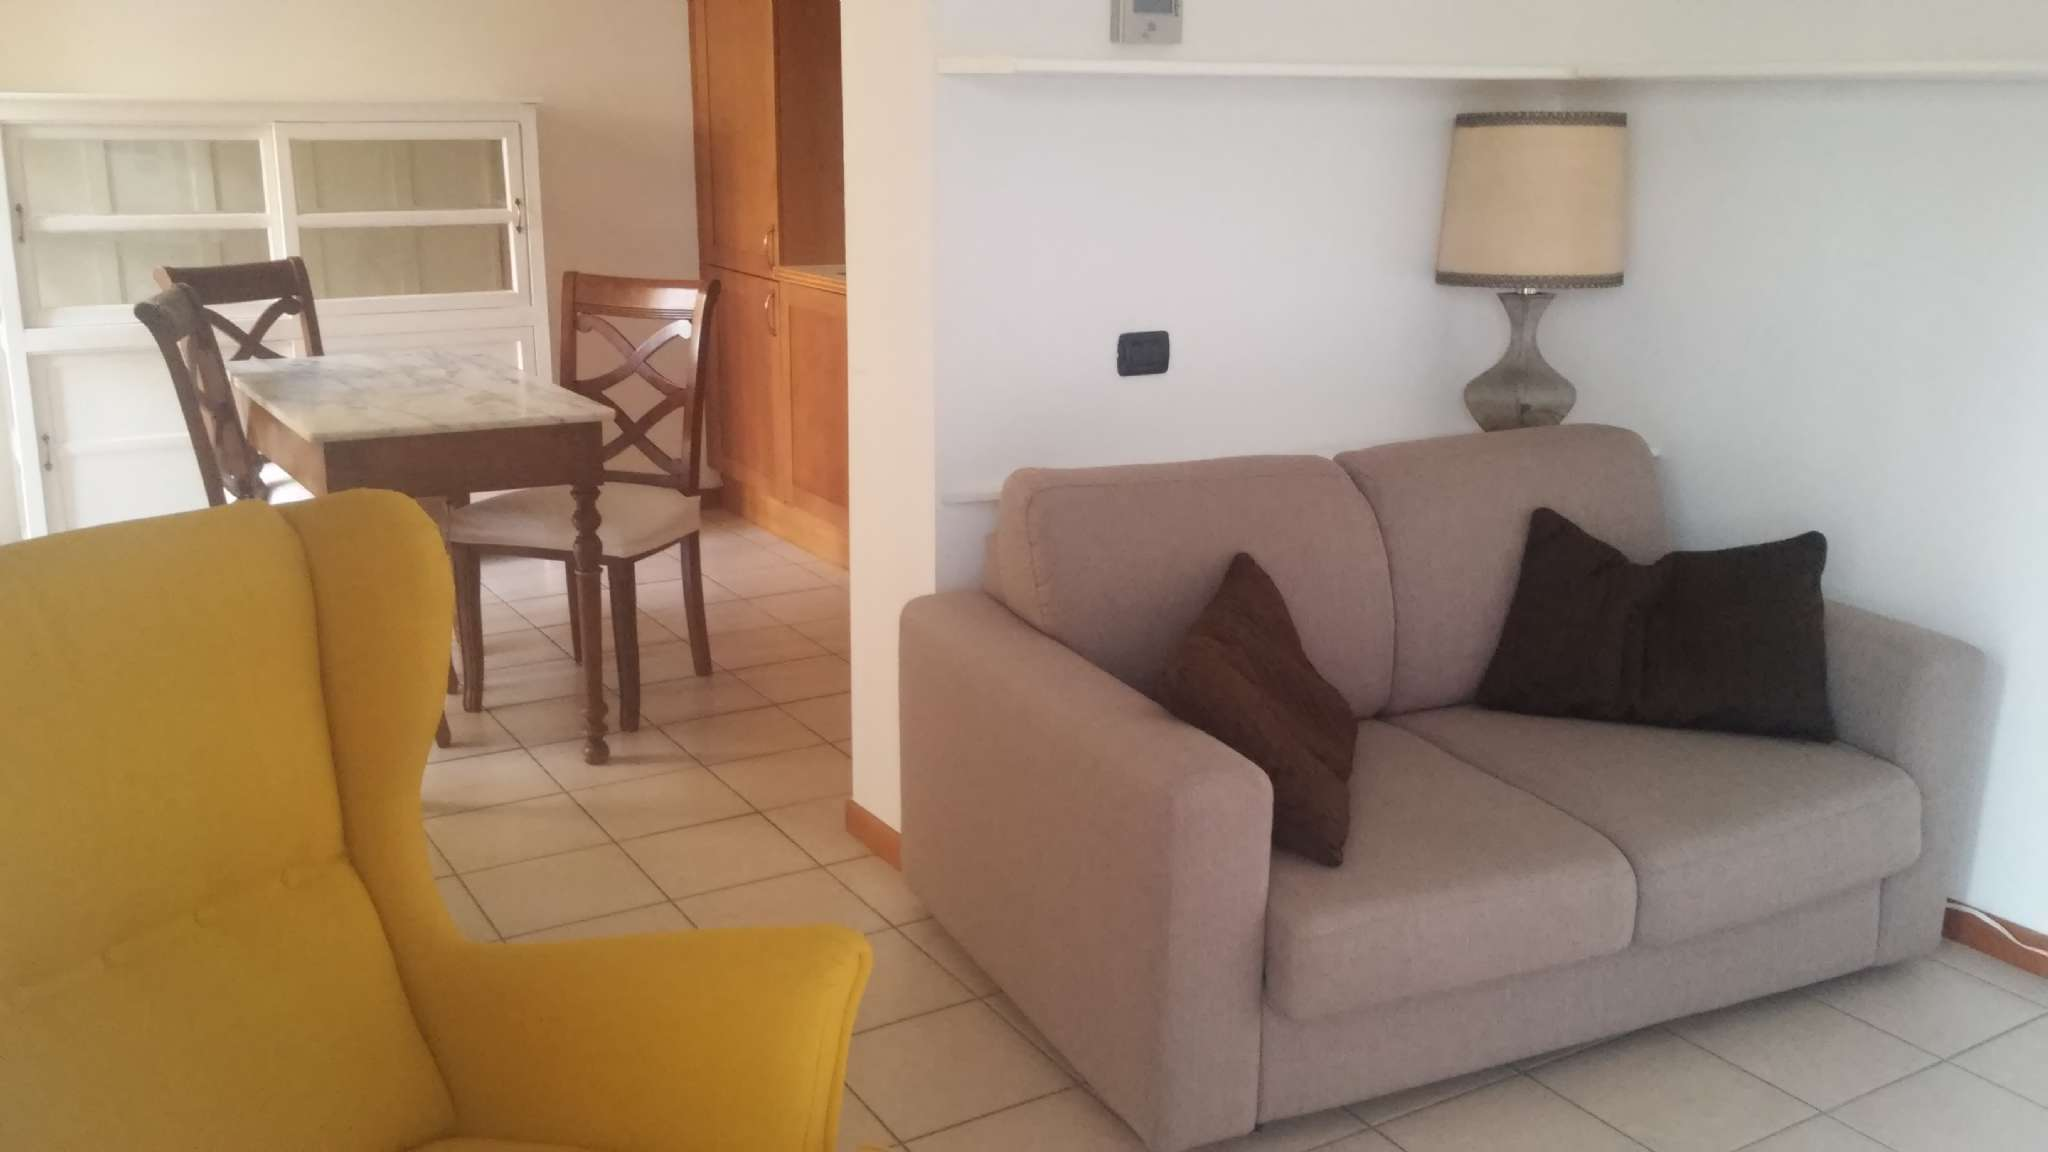 Attico / Mansarda in affitto a San Donato Milanese, 2 locali, prezzo € 800 | CambioCasa.it